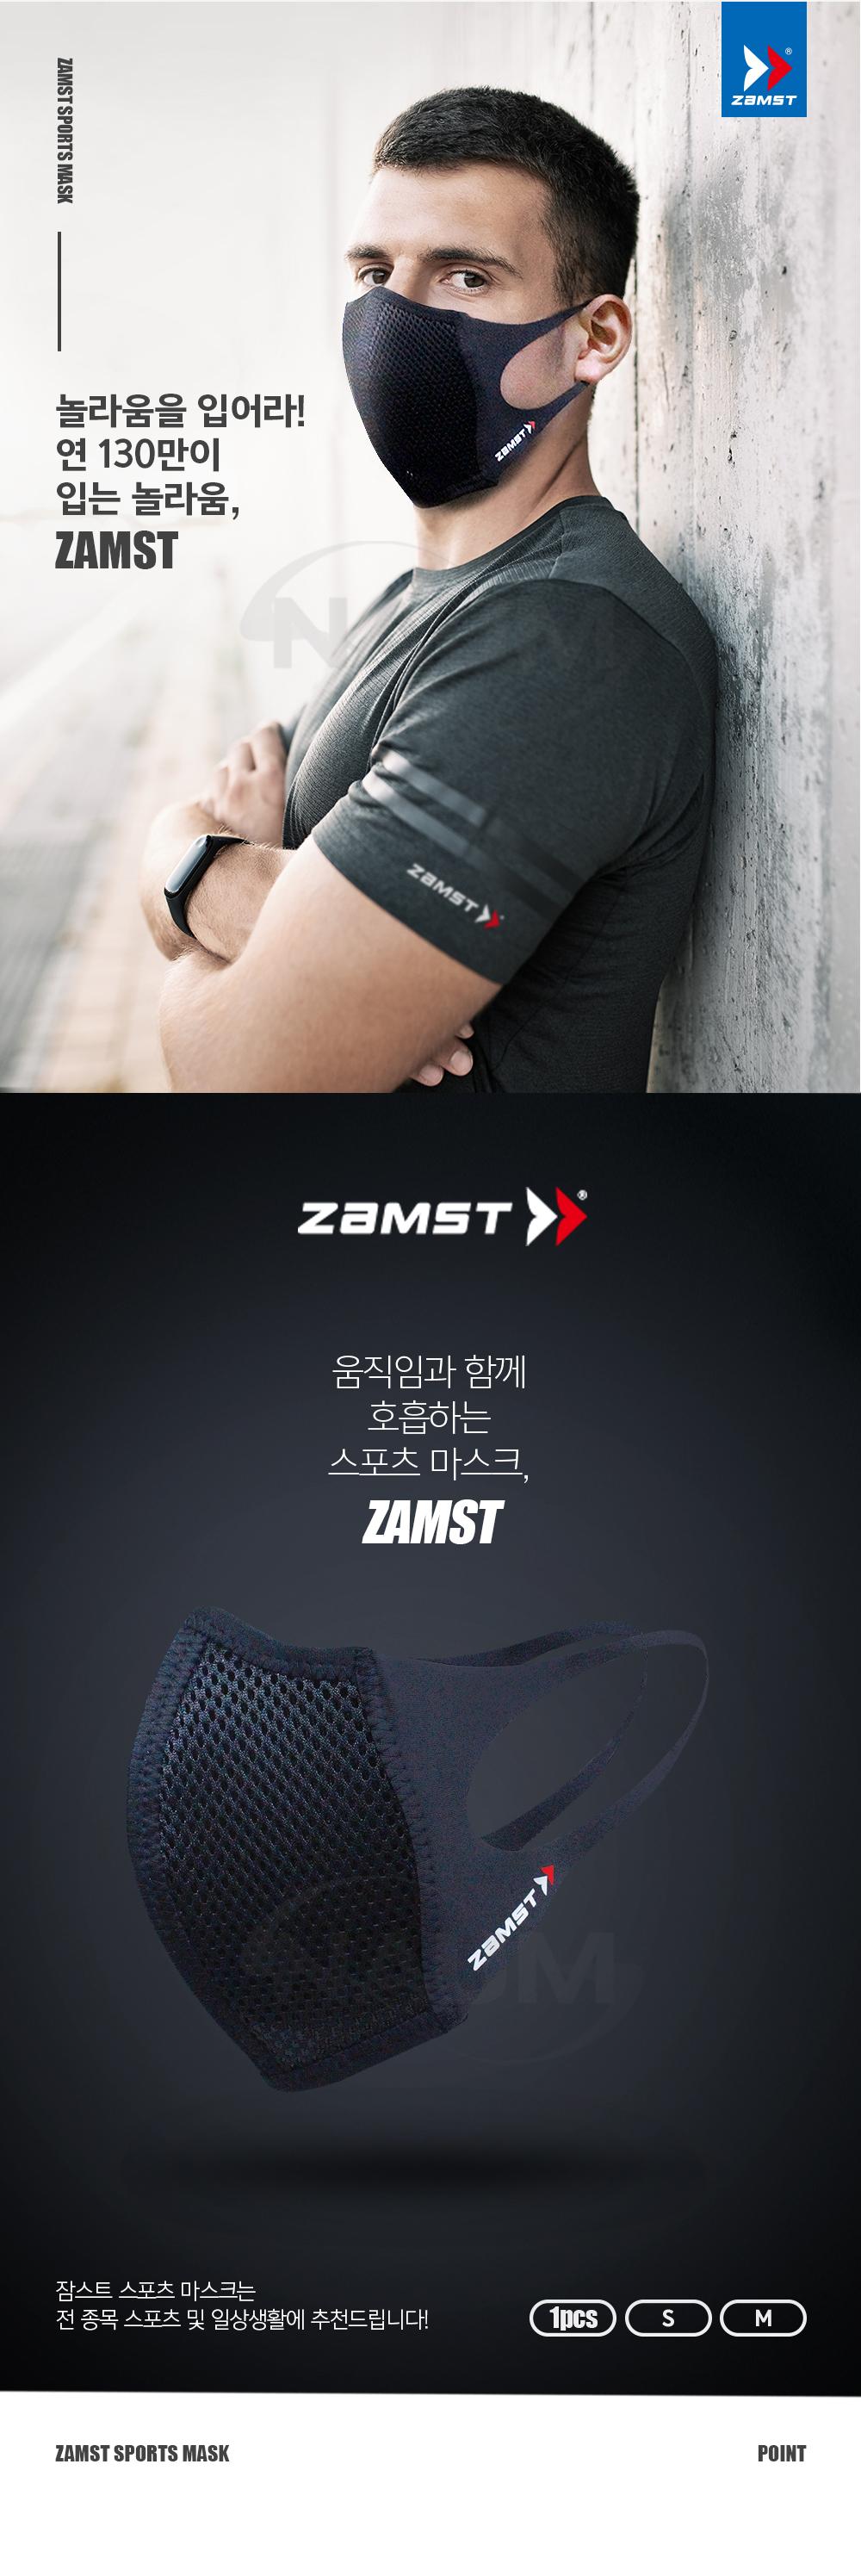 잠스트(ZAMST) 스포츠 마스크